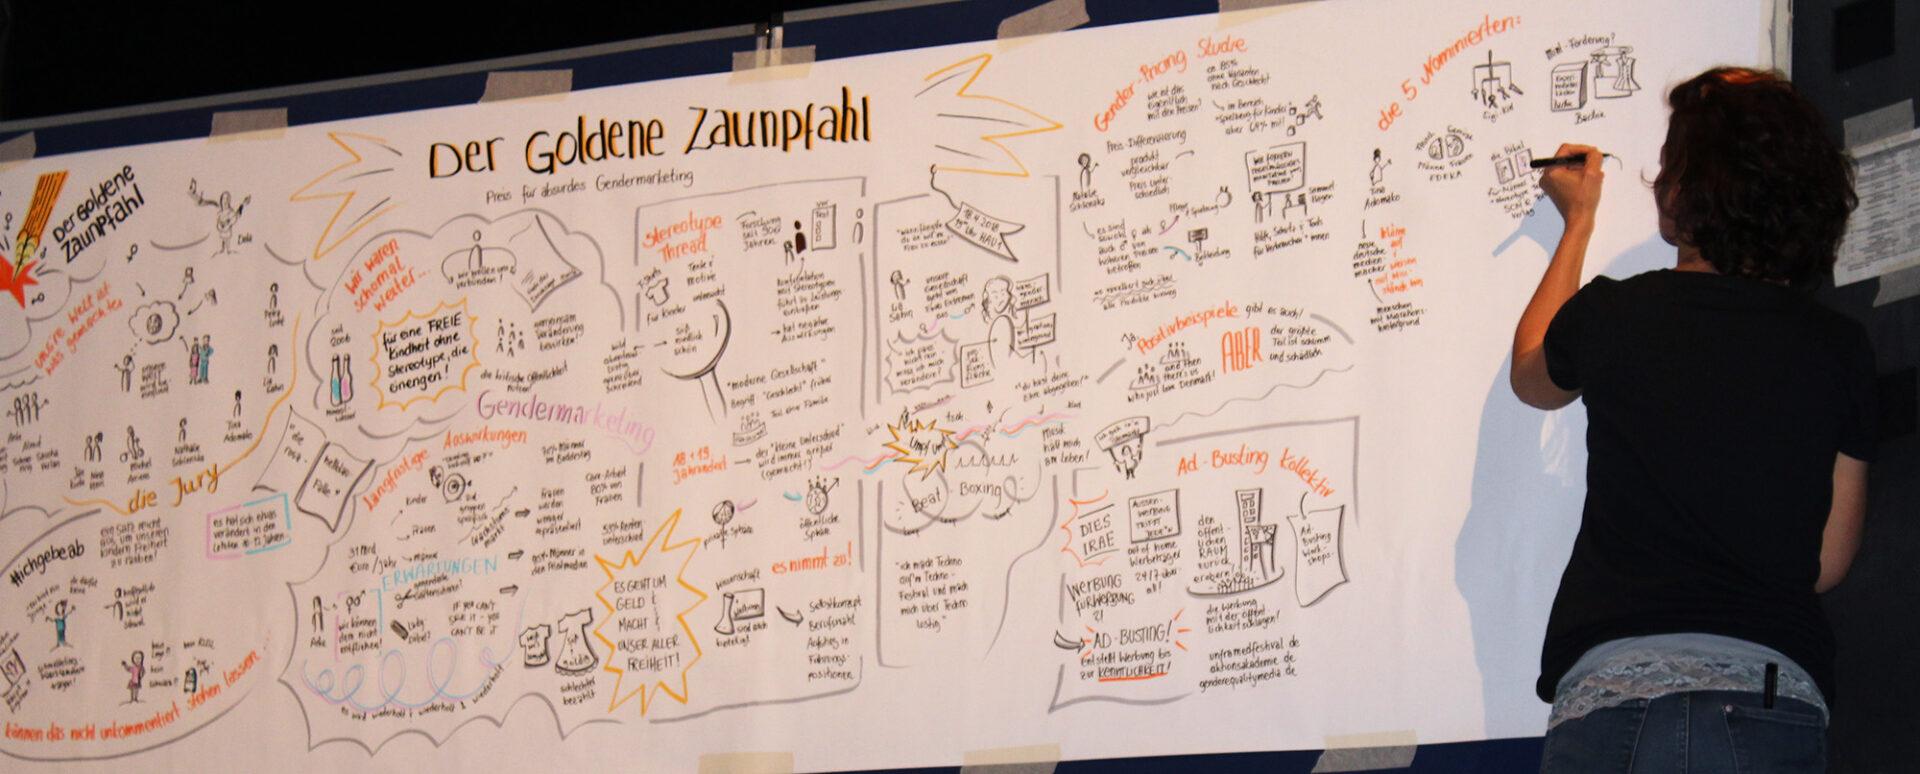 Katrin Faensen zeichnet (Graphic Recording)